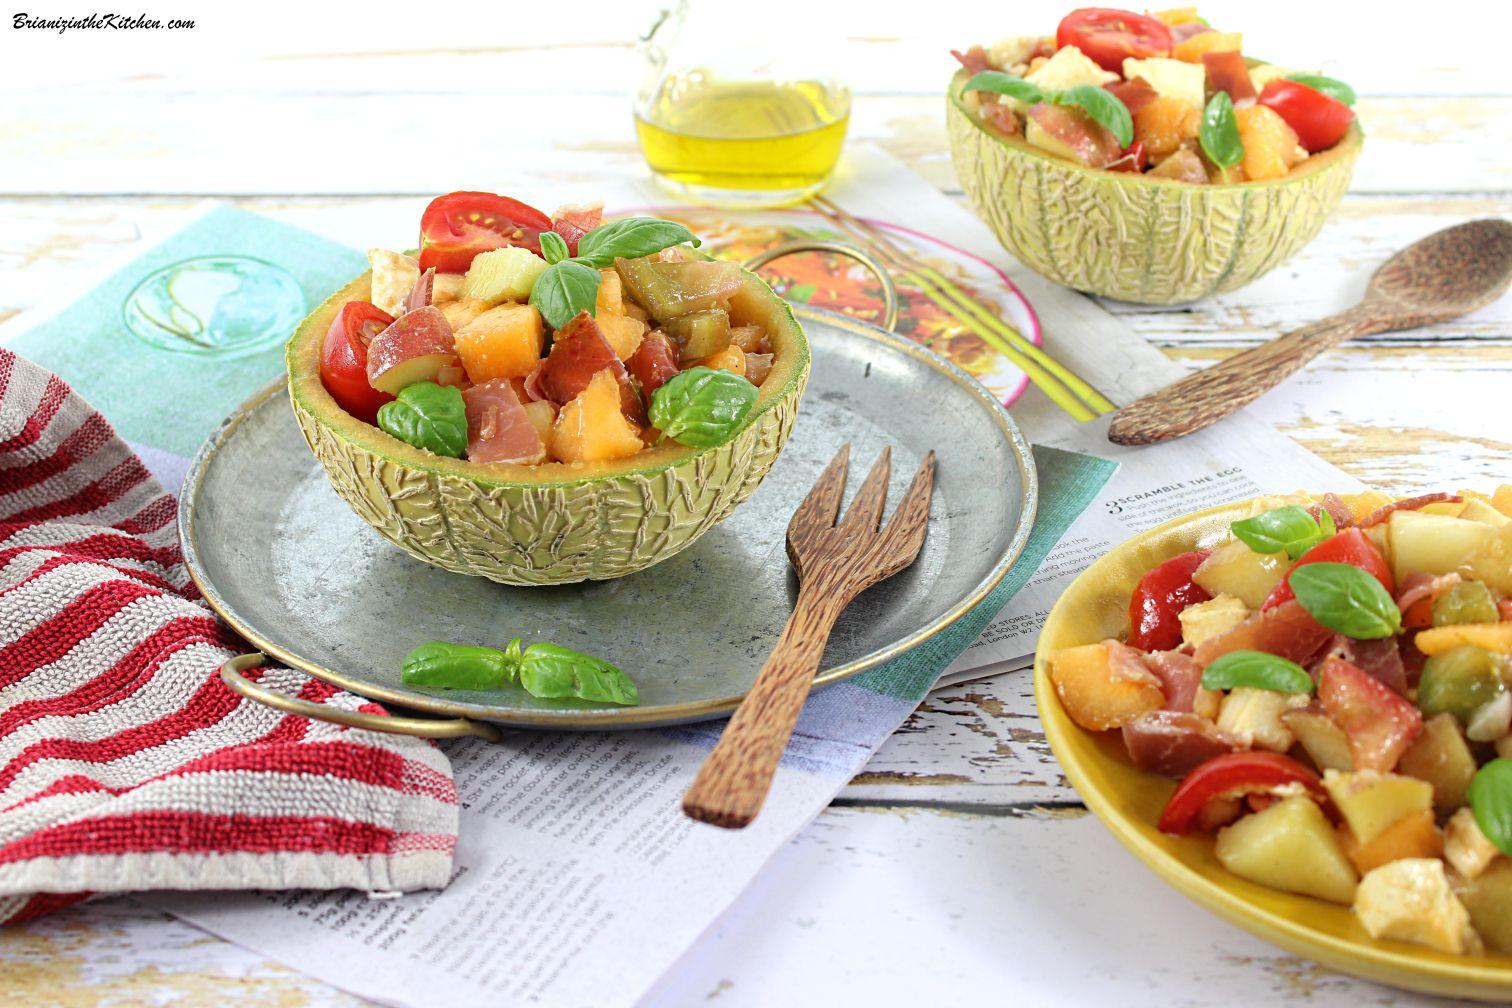 Salade de Melon, Jambon Sec, Pêches et Tomates